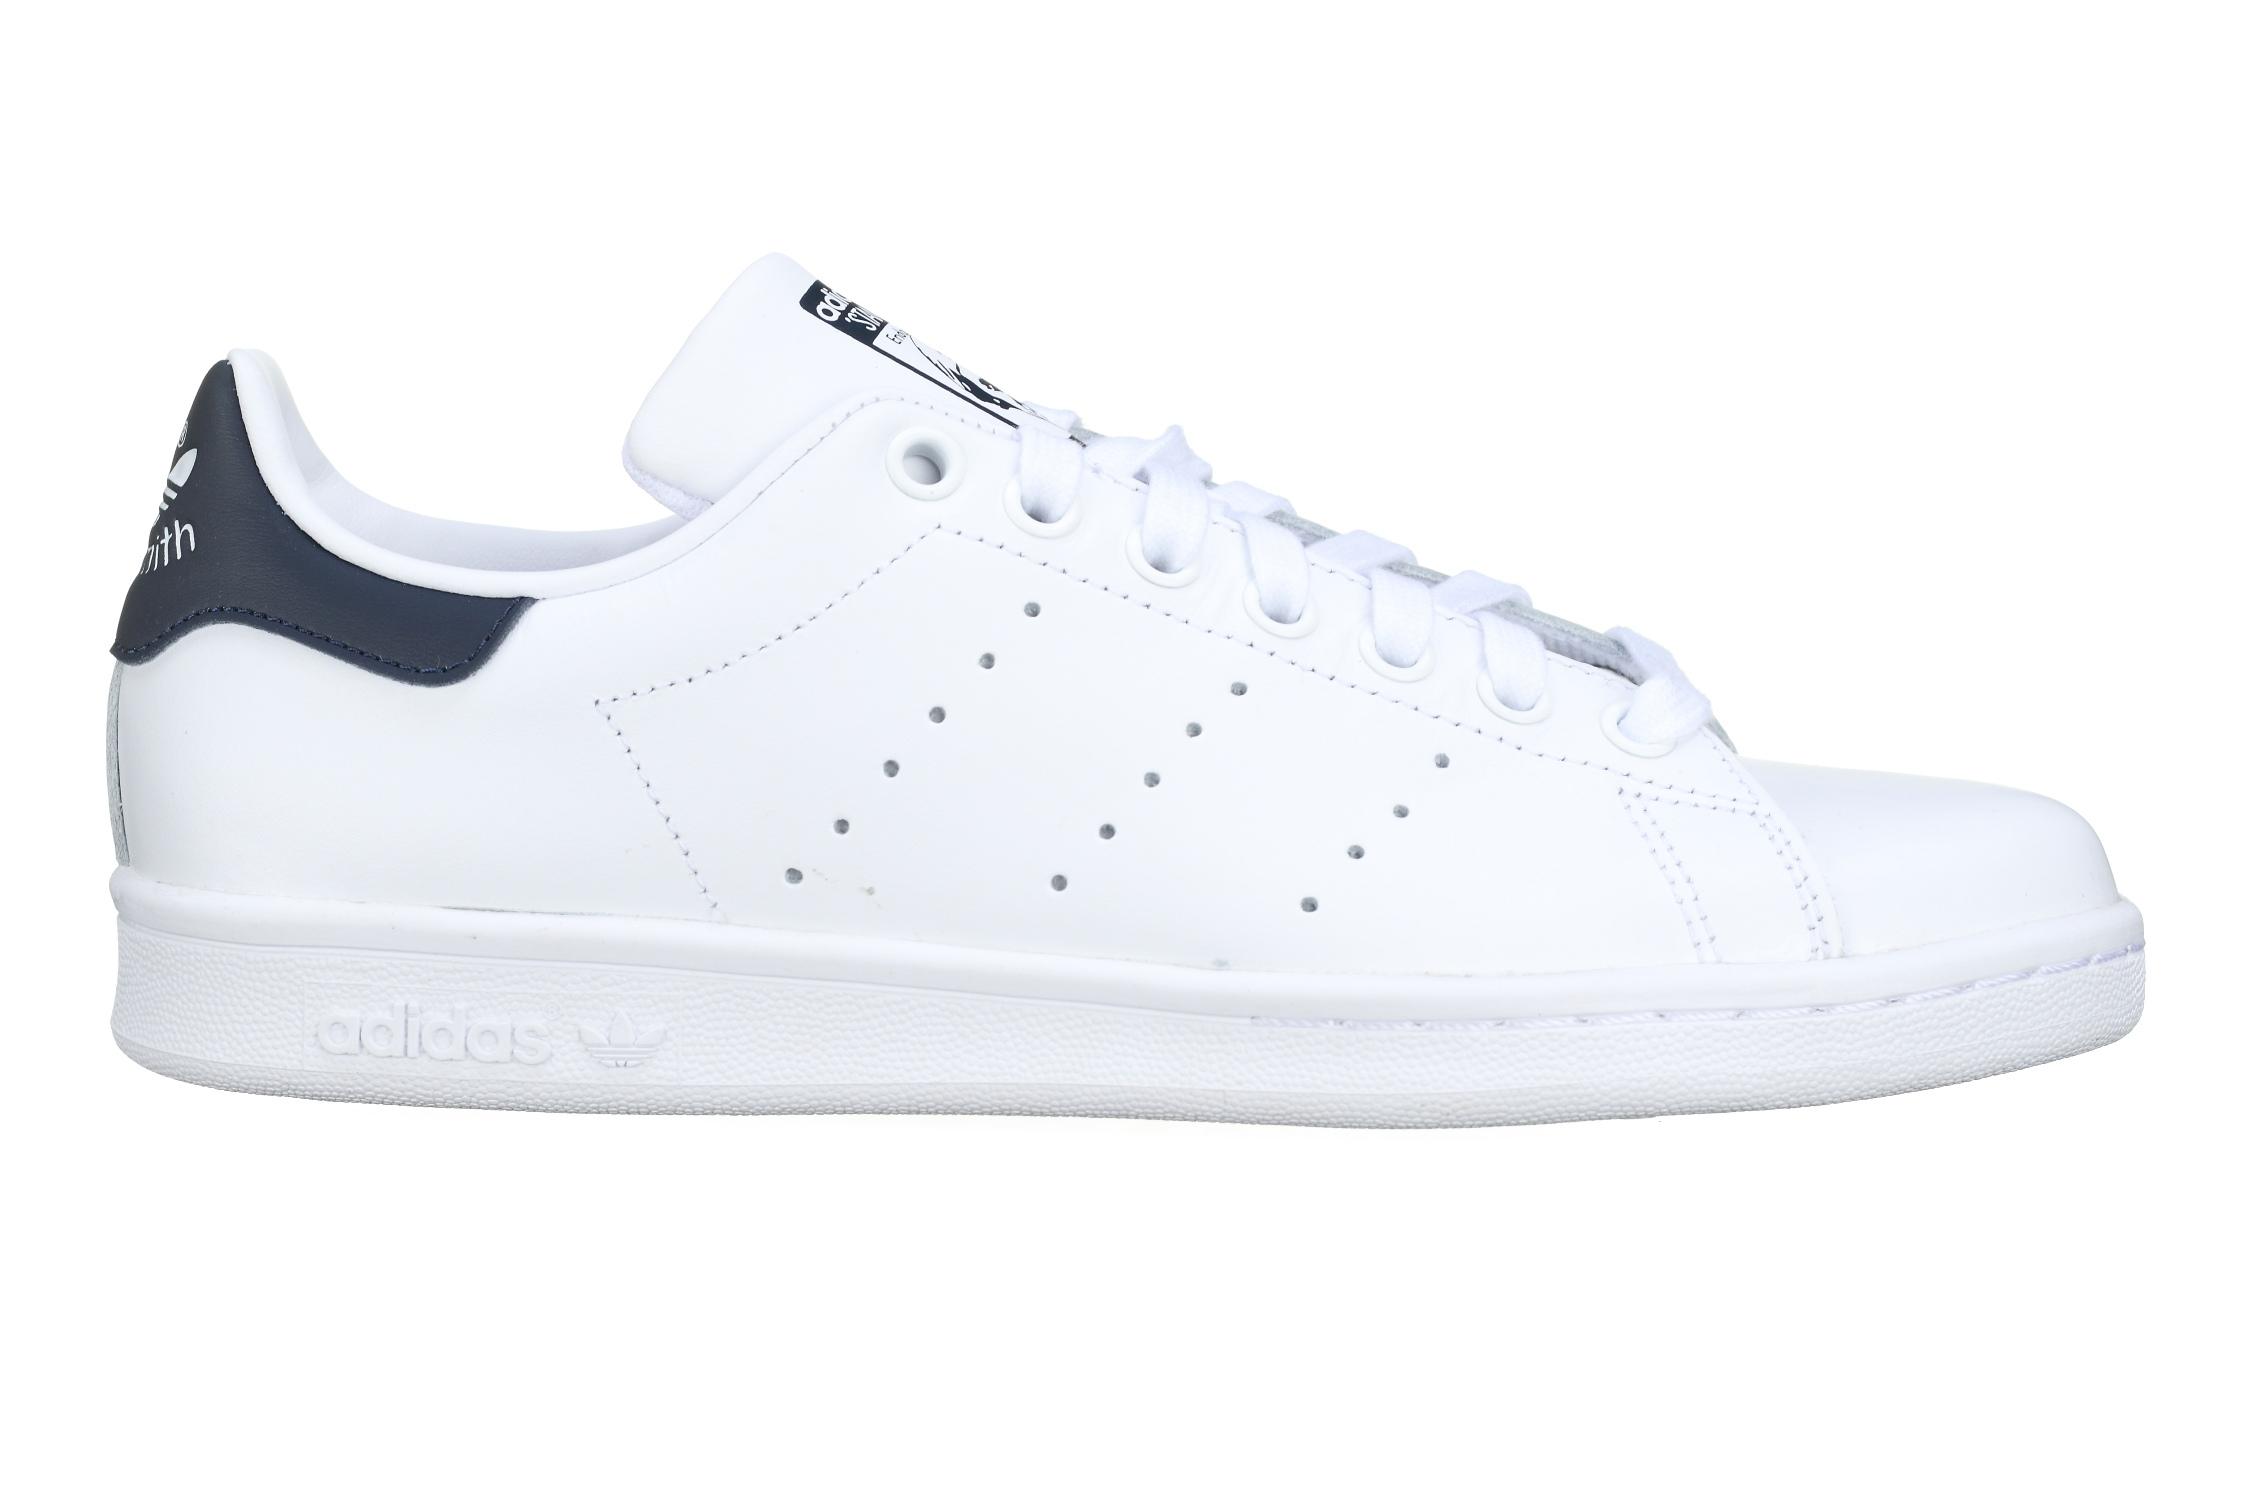 https://www.leadermode.com/184982/adidas-stan-smith-w-s81020-blanc-marine.jpg